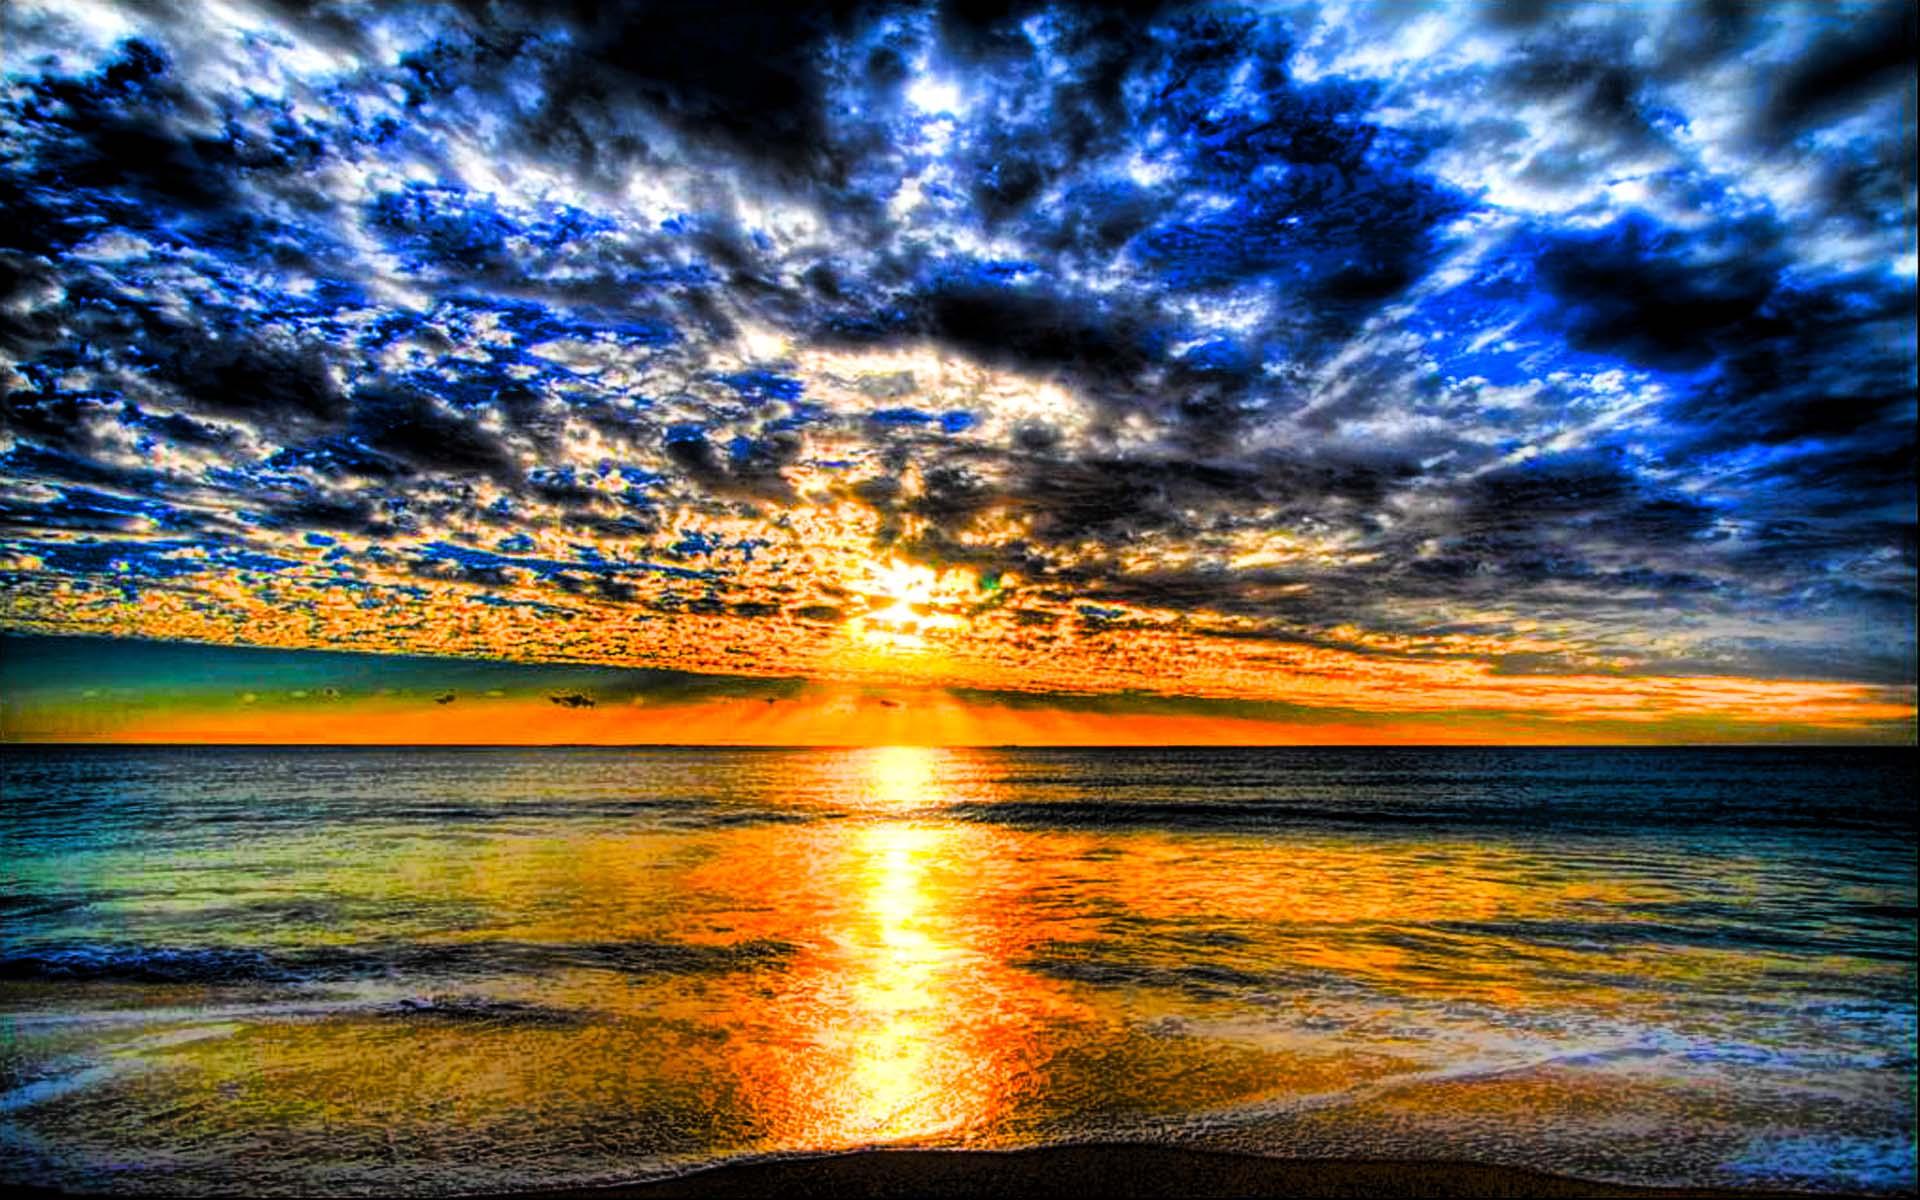 sand wallpaper beautiful photos - photo #31